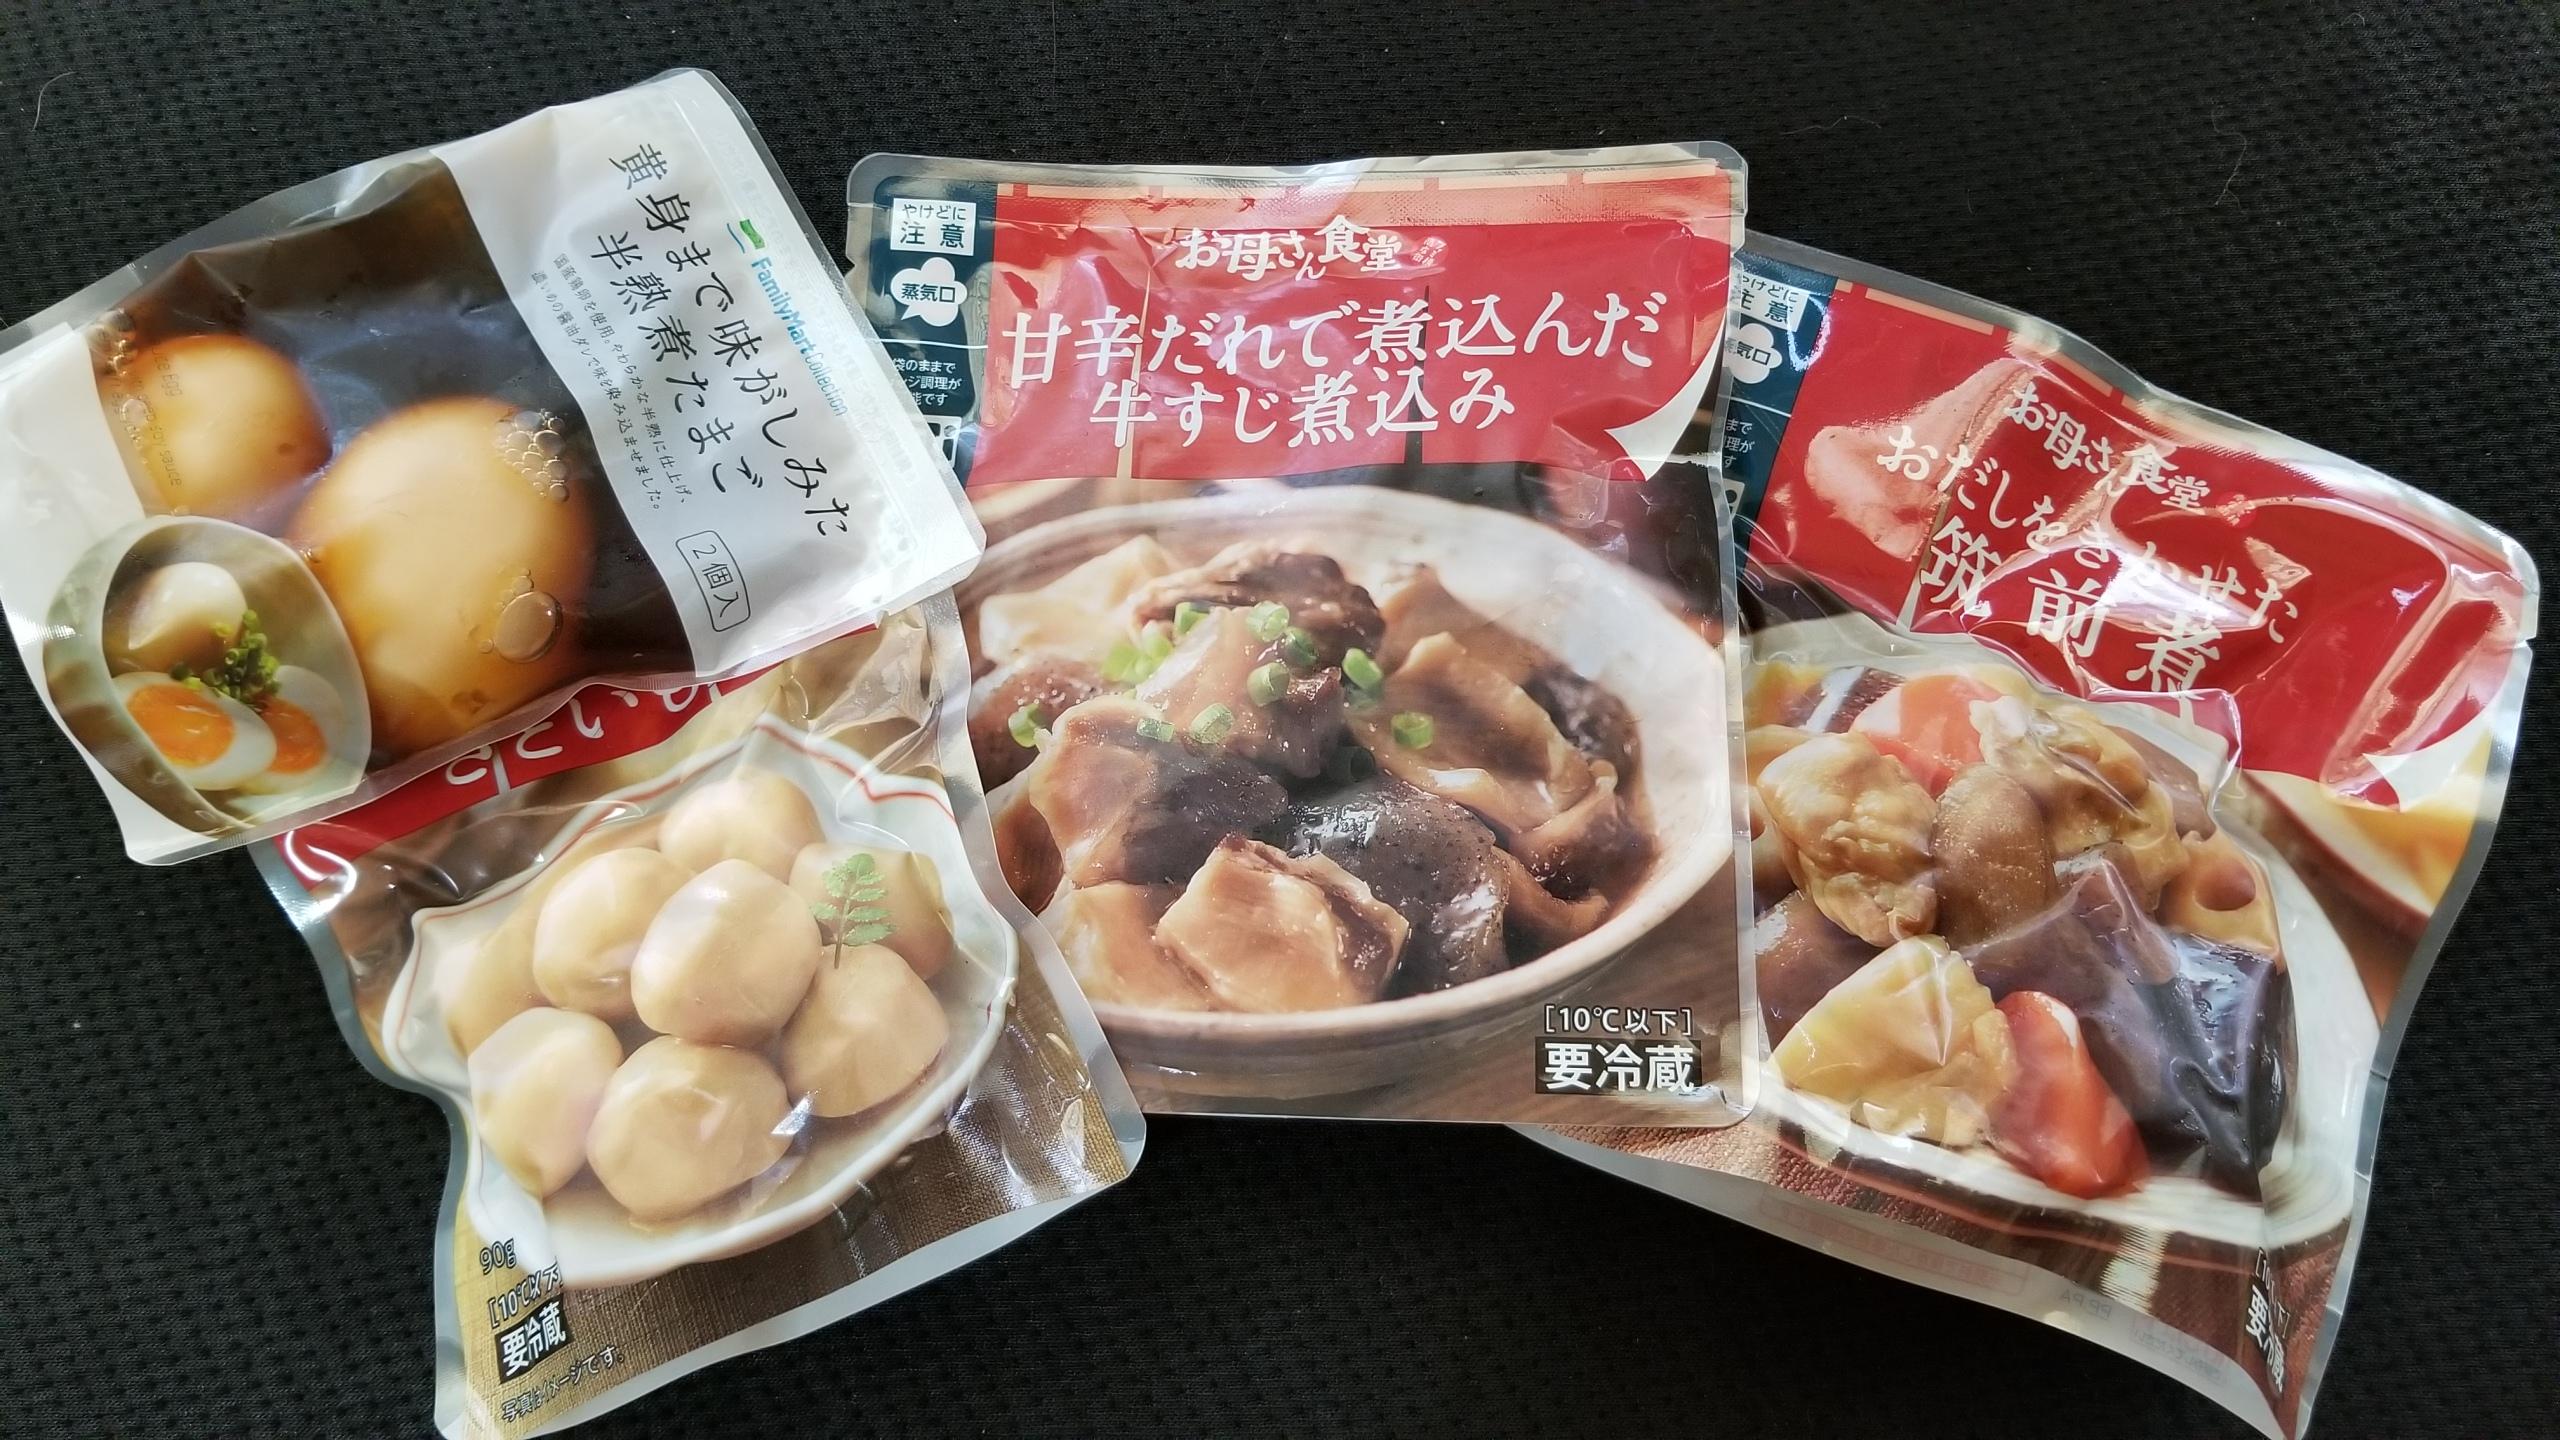 炭水化物抜きダイエット私生活,コンビニシリーズ煮物野菜,たんぱく質